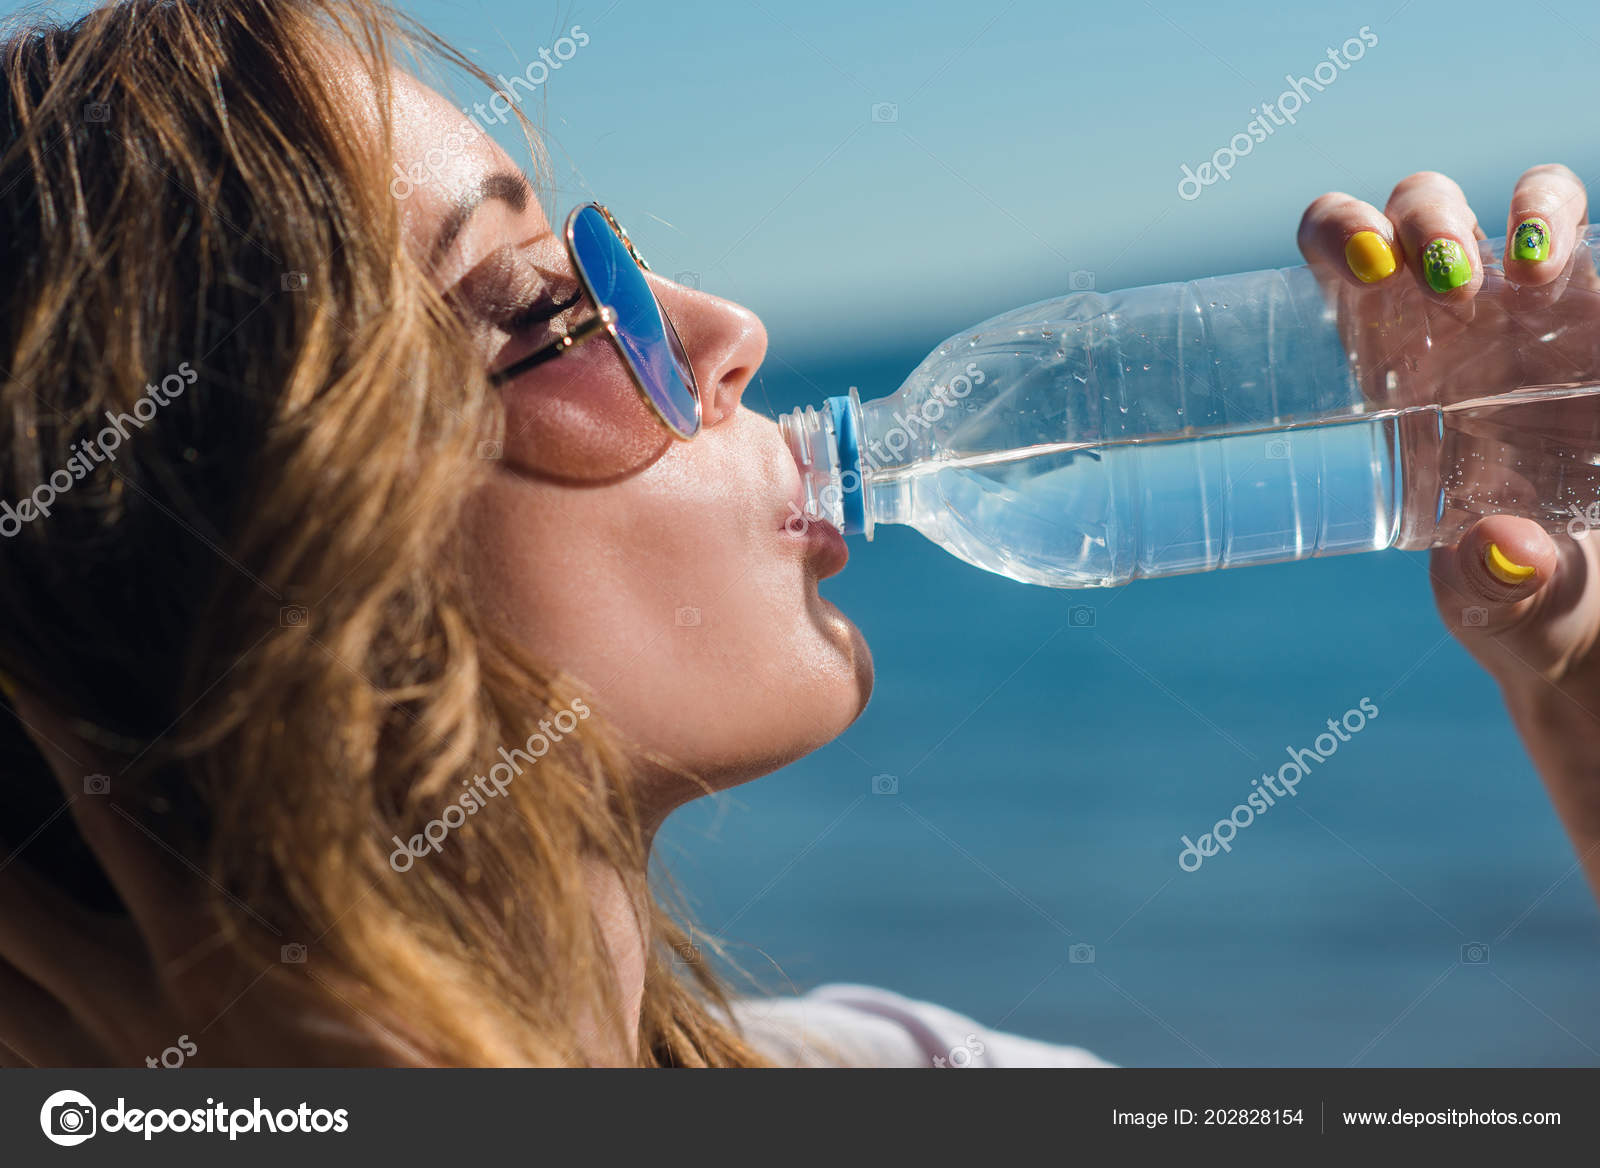 Разрыв анала бутылка, Разорвал анал в клочья, так жестко ебал в жопу 23 фотография